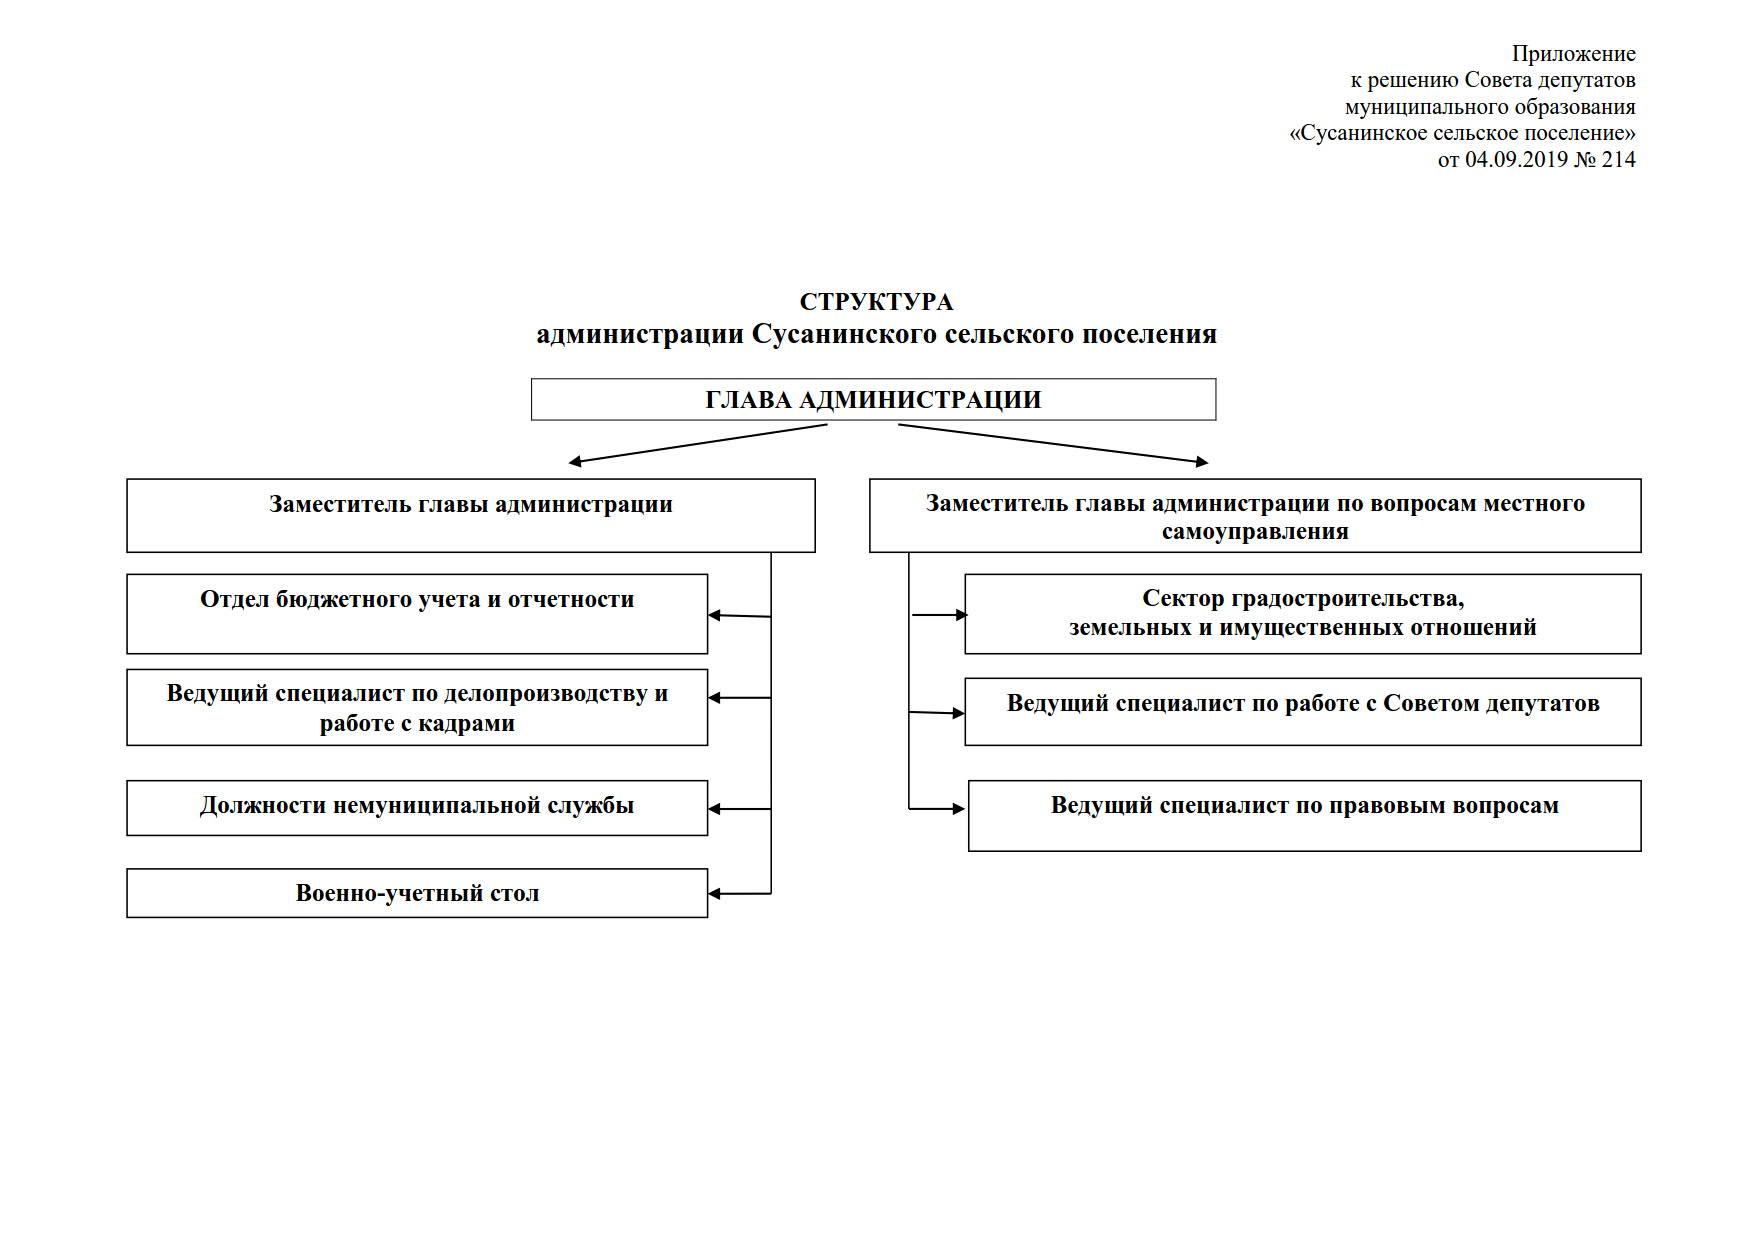 2. Решение СД 314от 04.09.2019 - структура администрации_1